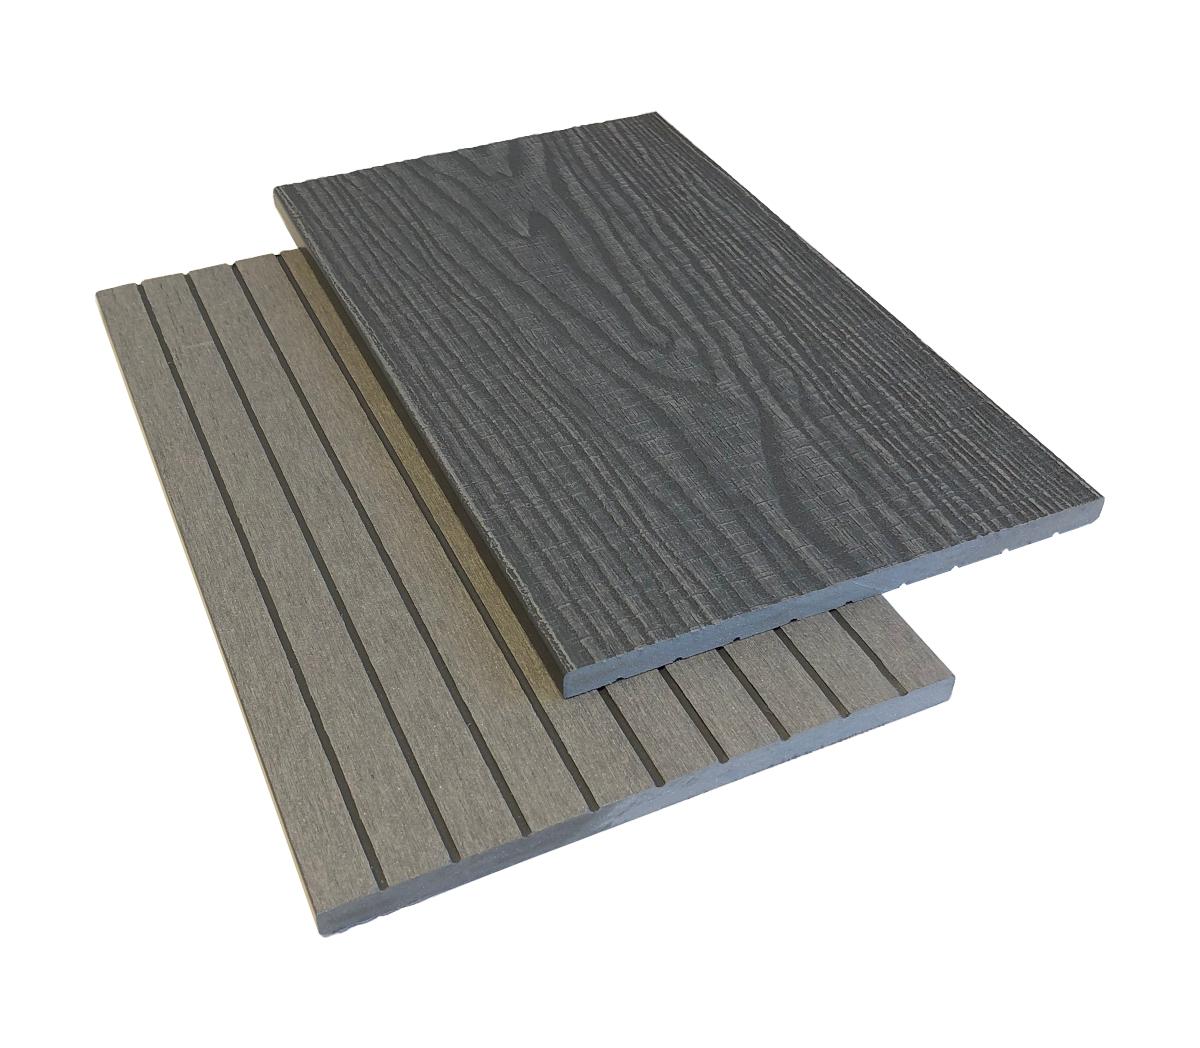 vändbar täcklist trästruktur eller rillad yta